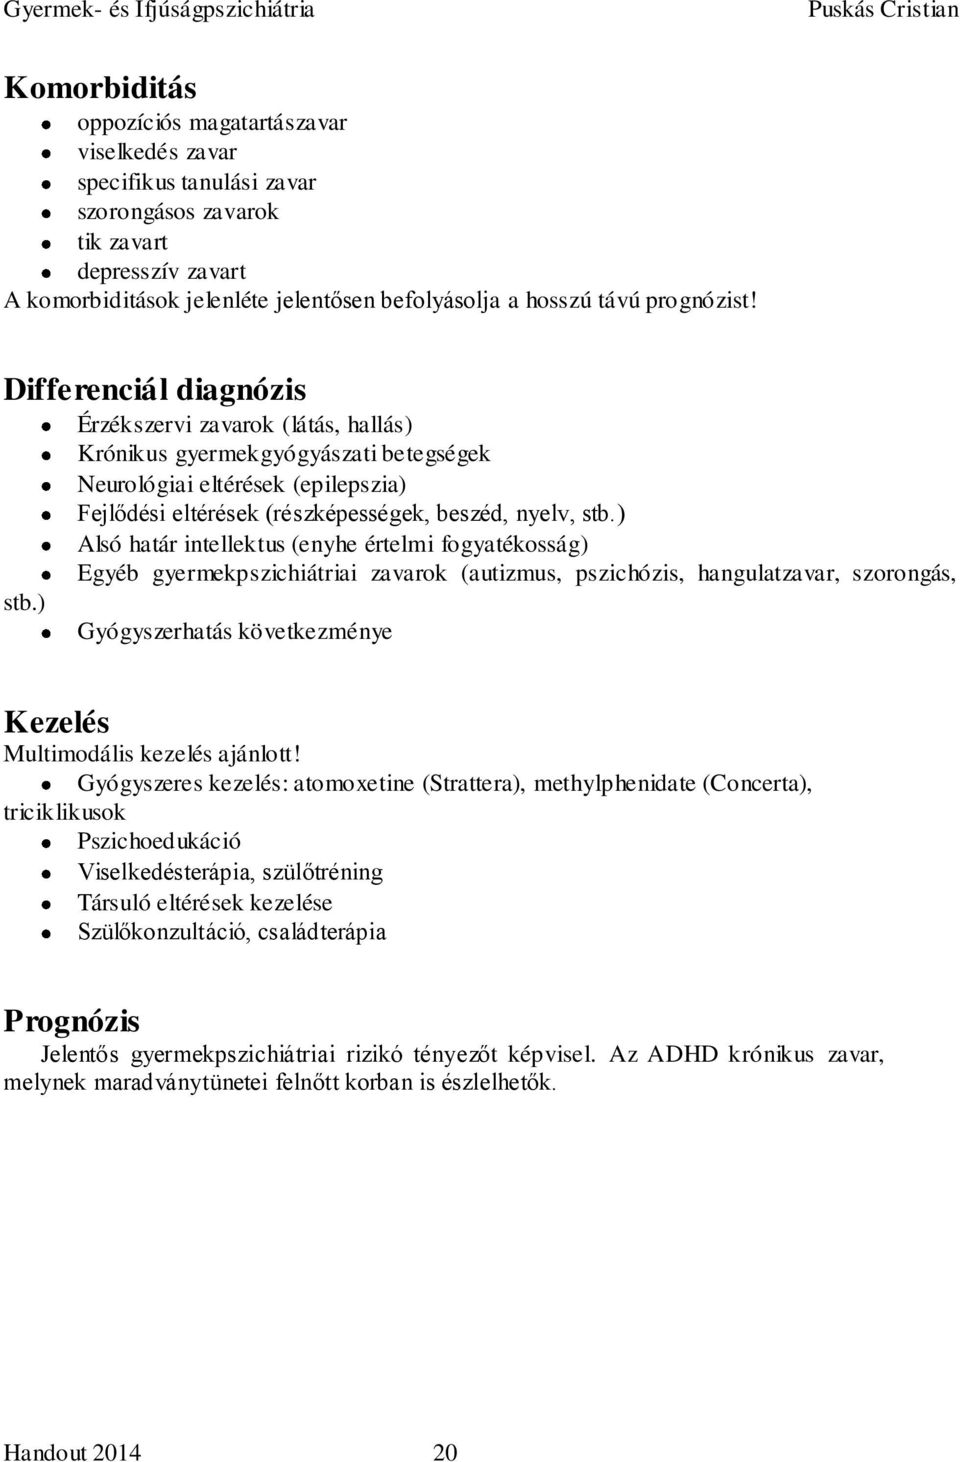 légzési papillomatosis hogyan kell kezelni)